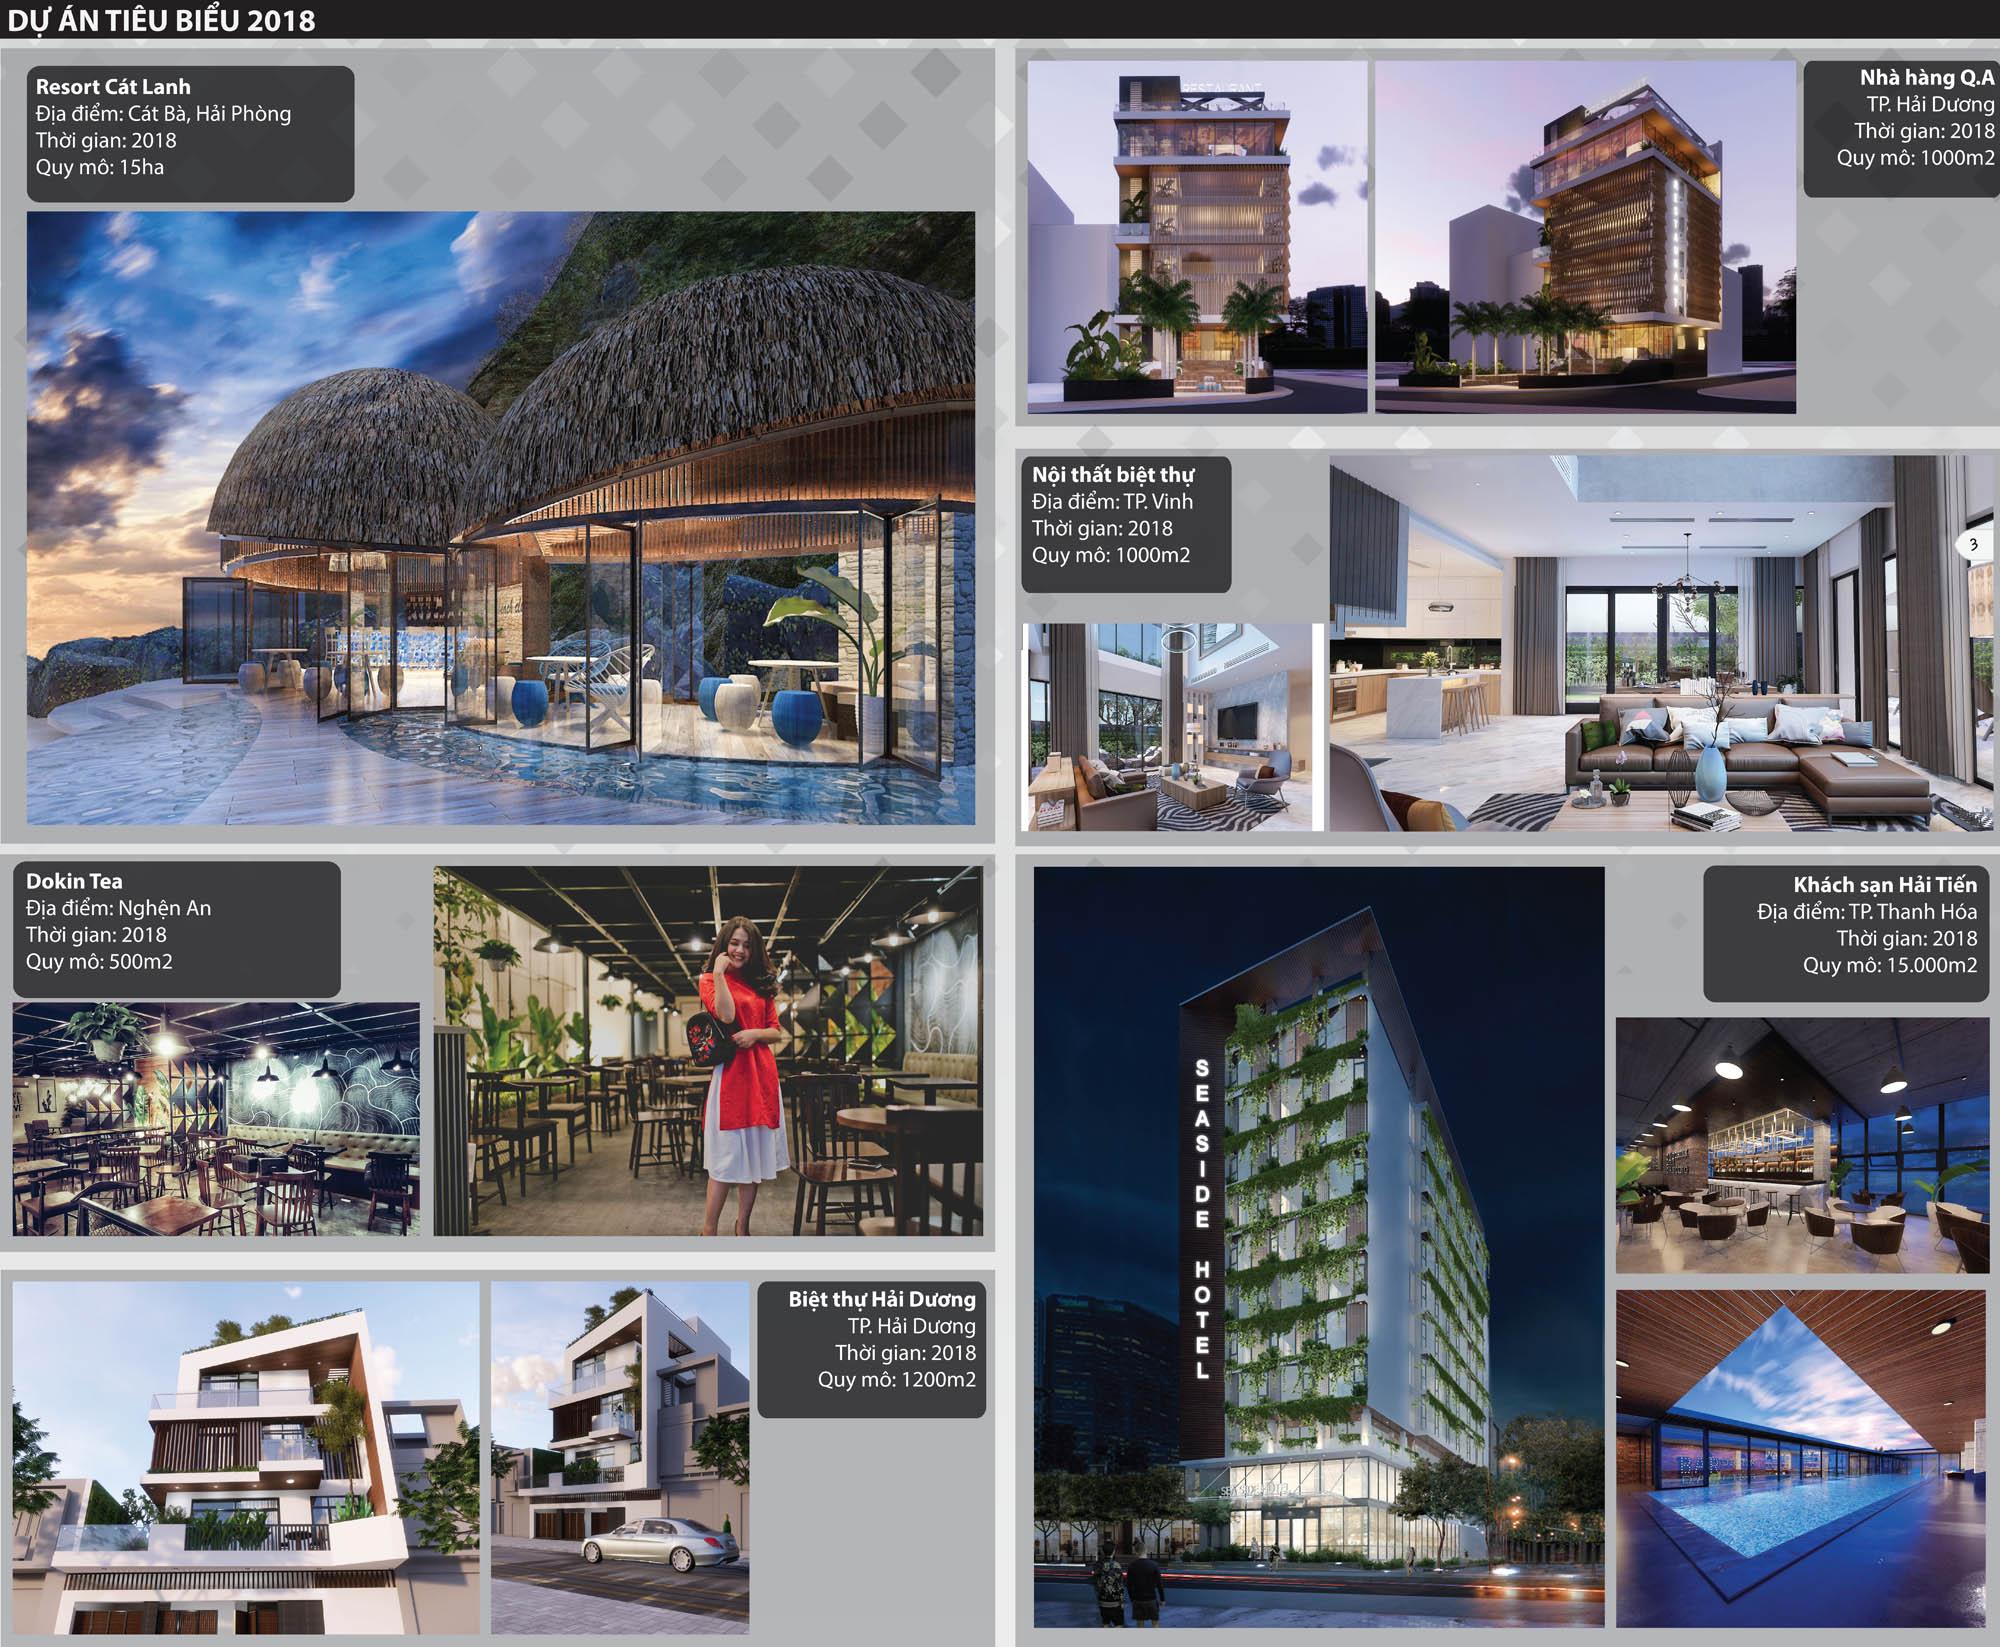 Dự án tiêu biểu của phòng Kiến trúc Uai Studio (KT5)